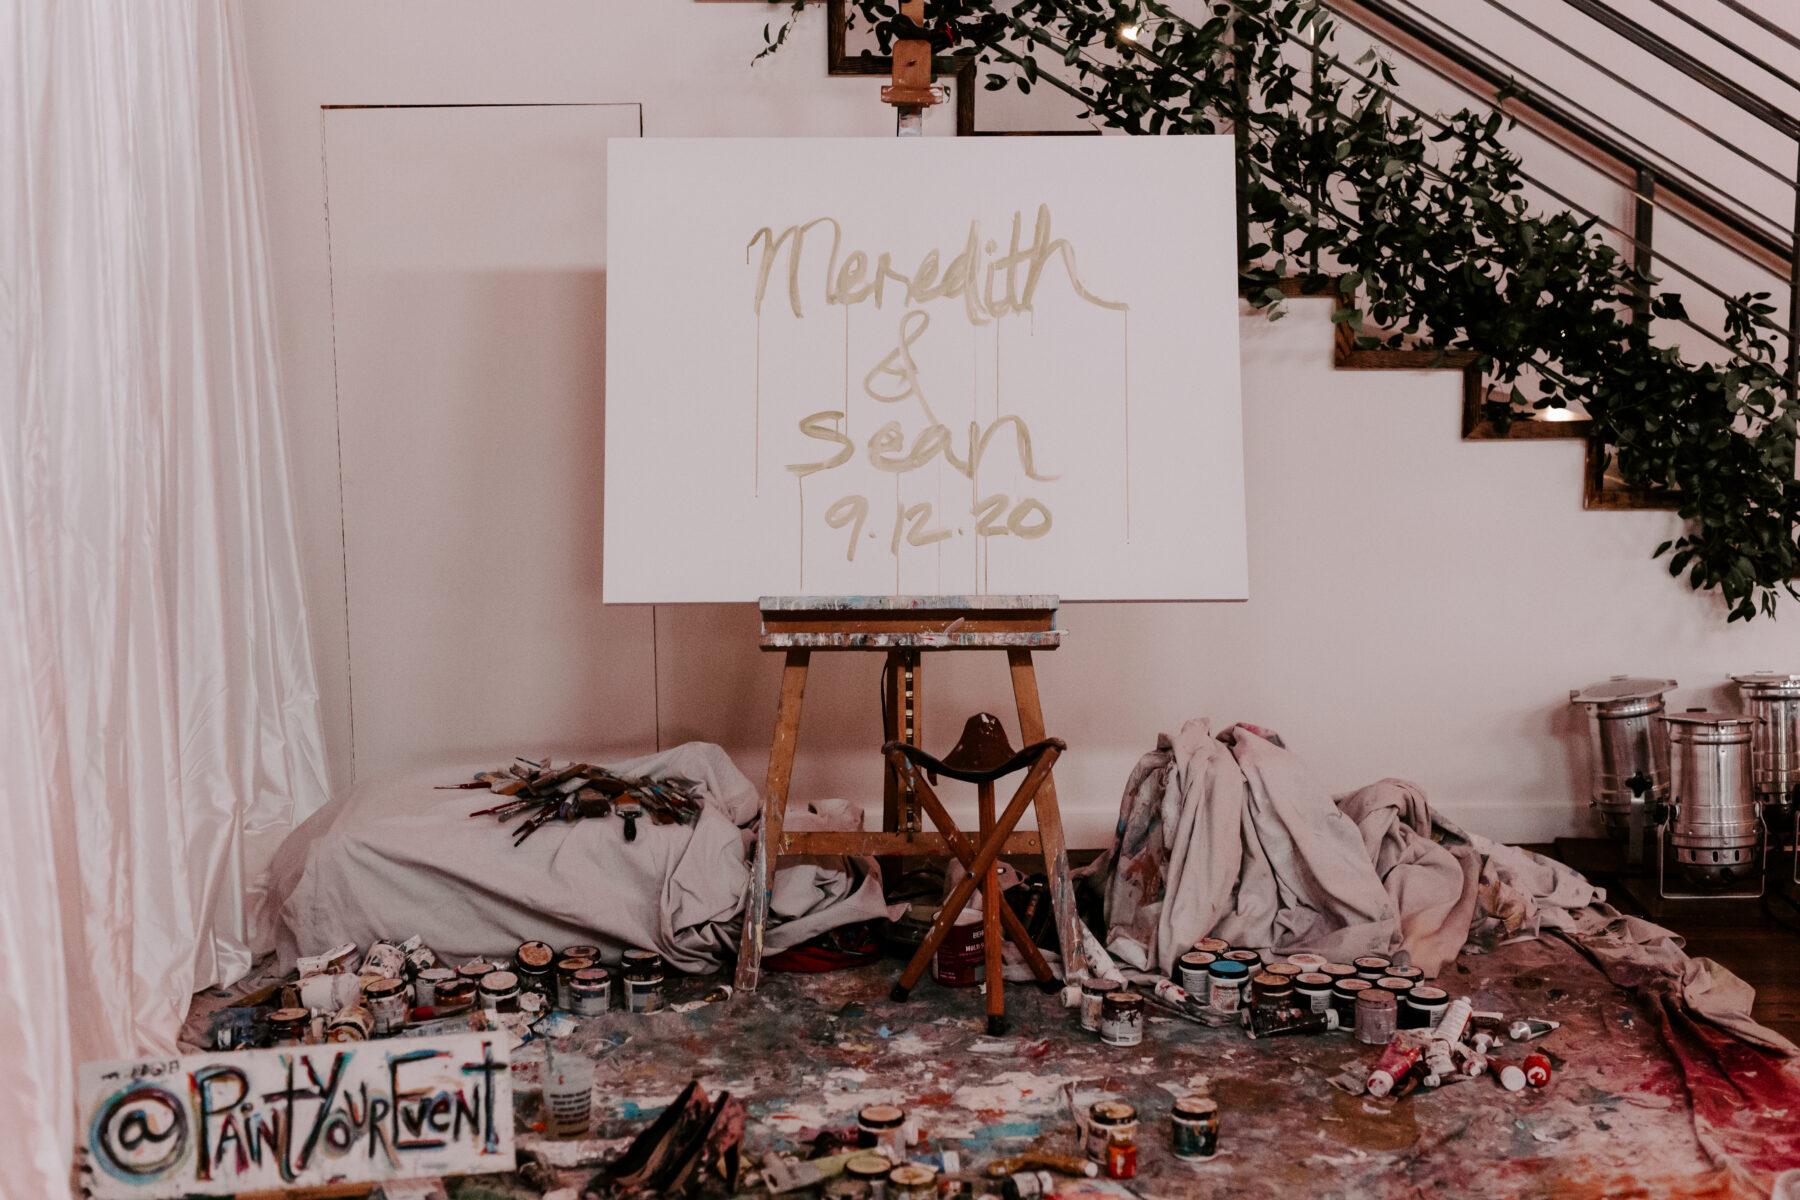 Paint Your Event Live Wedding Painter | Nashville Bride Guide